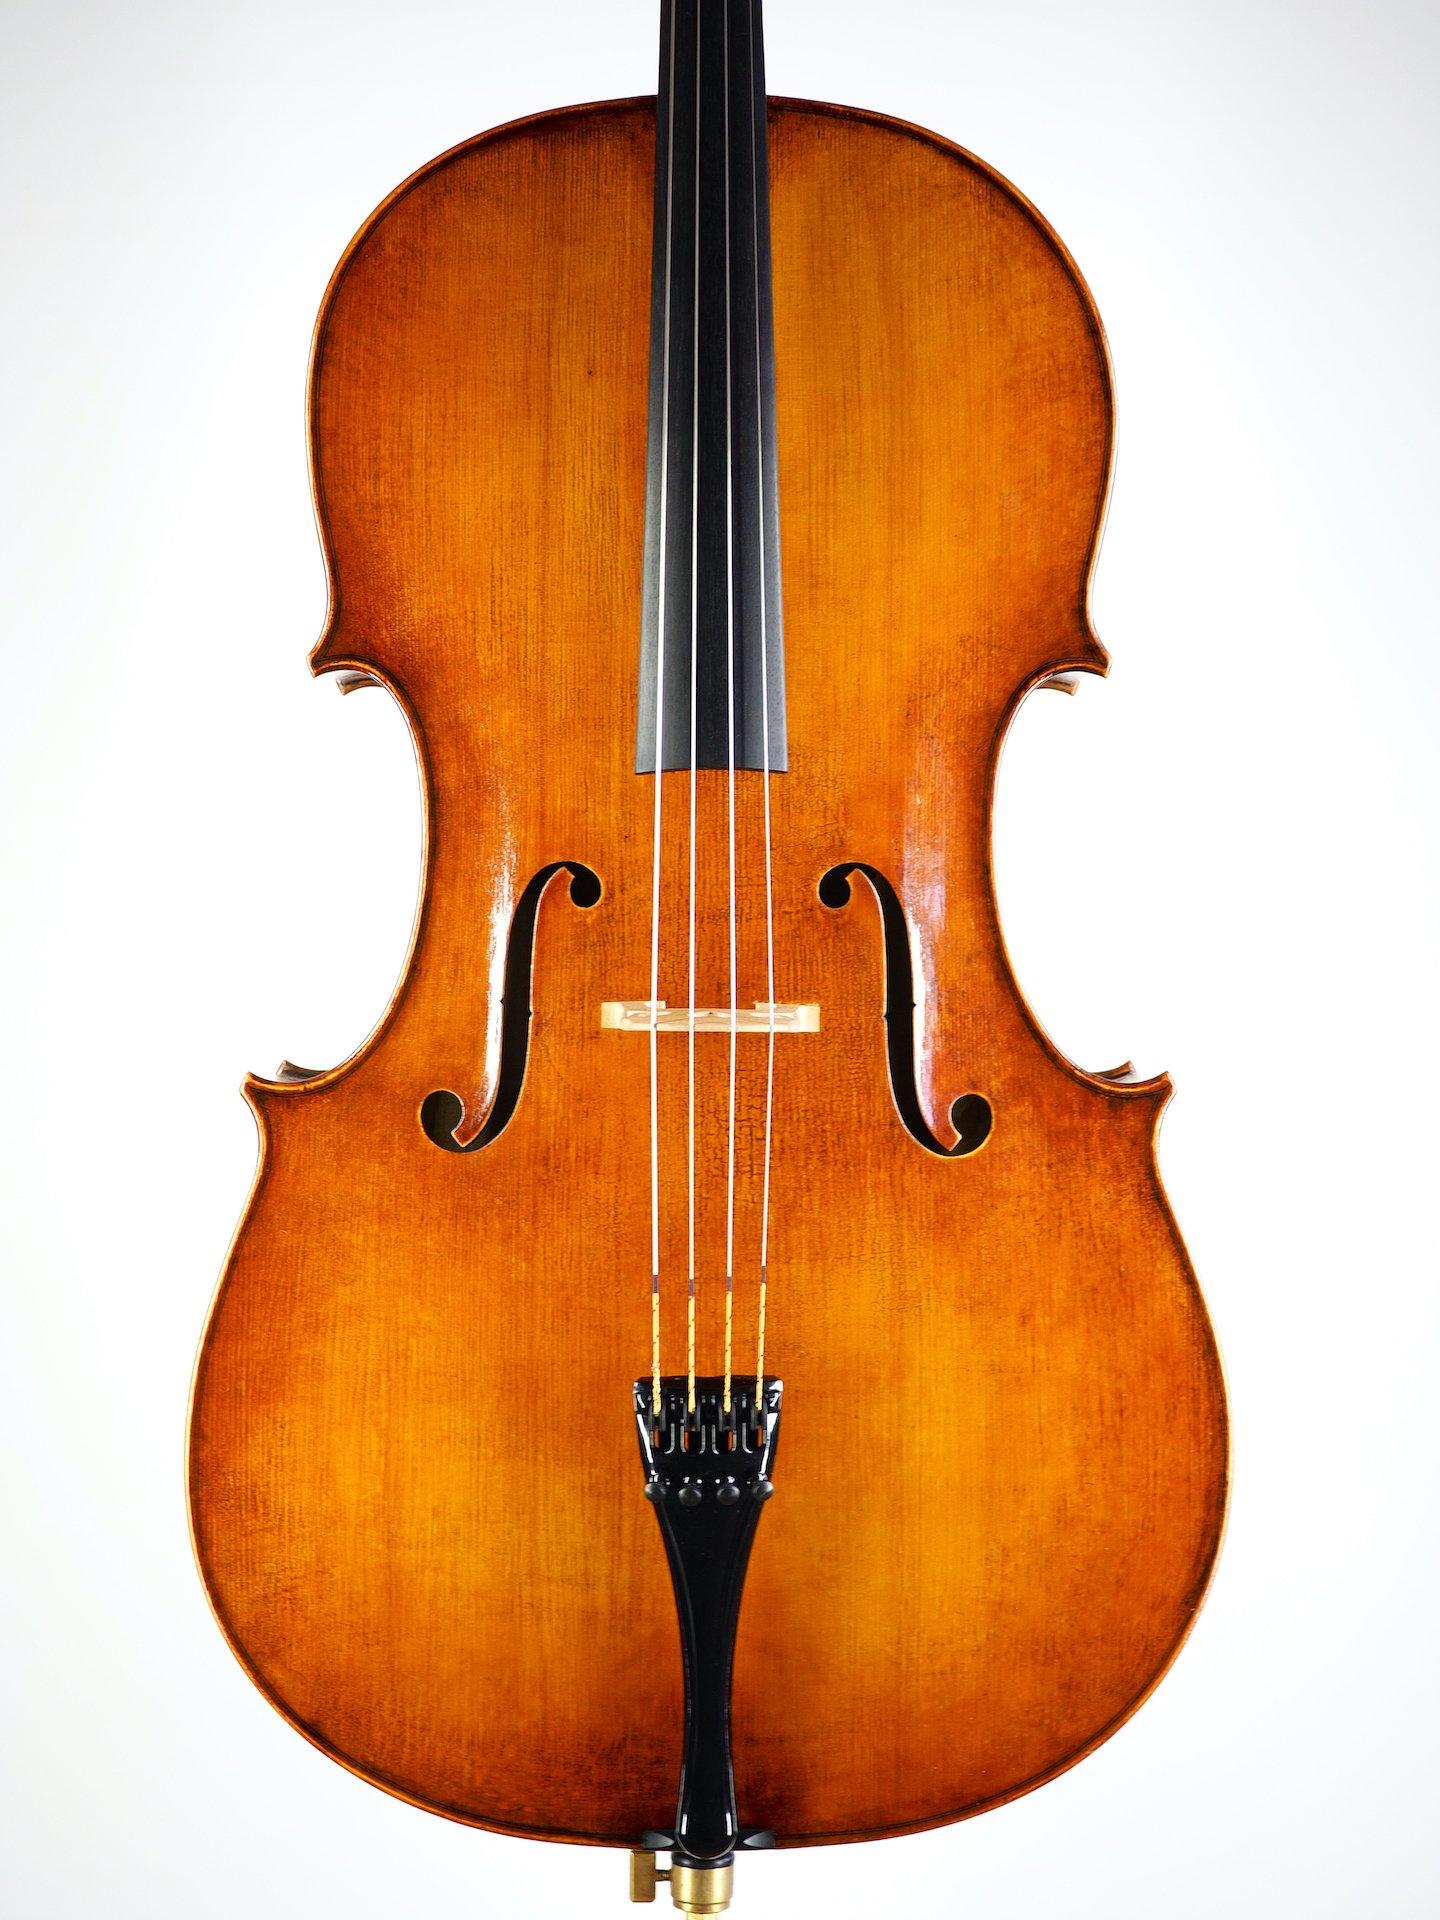 Cello Elisabeth Graml Linz 2021